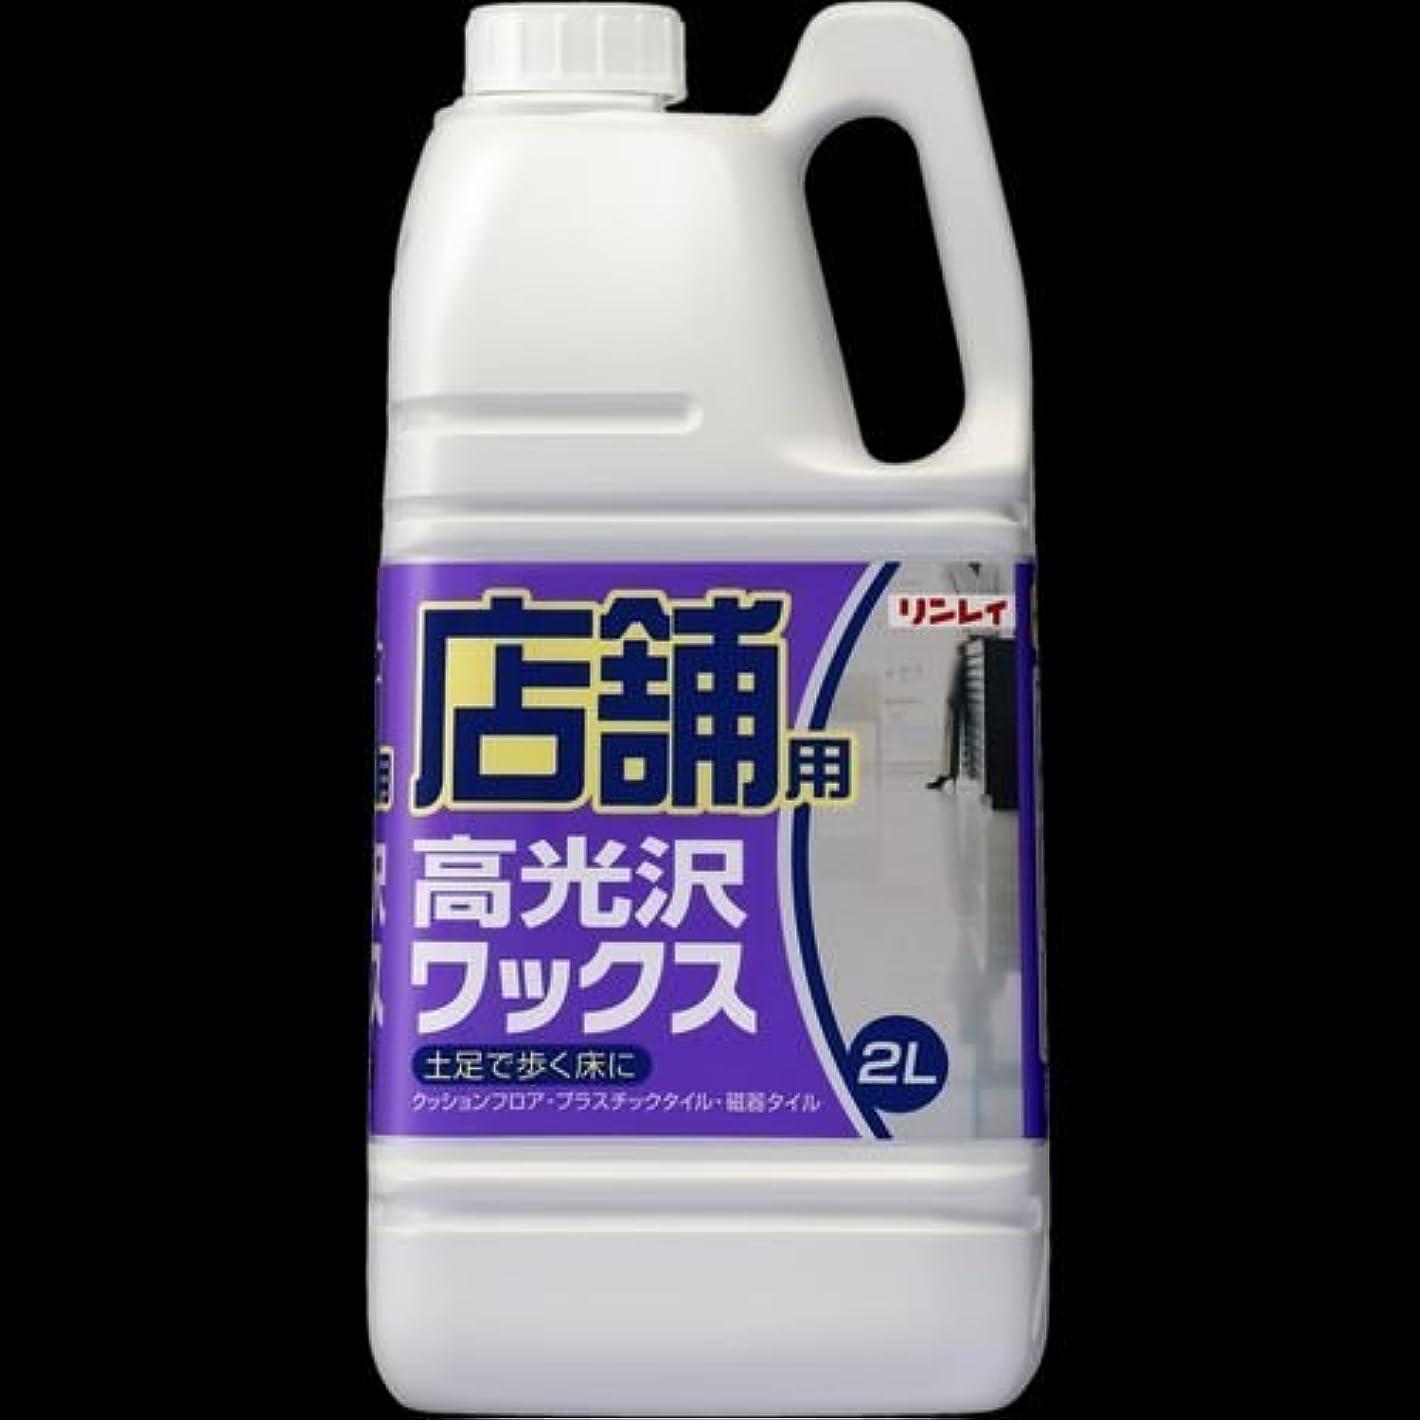 ラボイサカいちゃつく【まとめ買い】店舗用高光沢ワックス 2L ×2セット